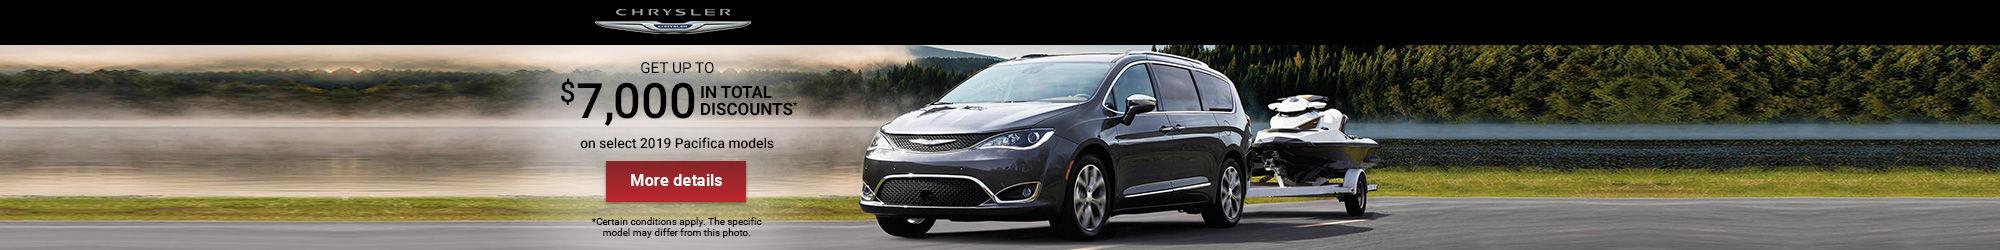 Chrysler Event